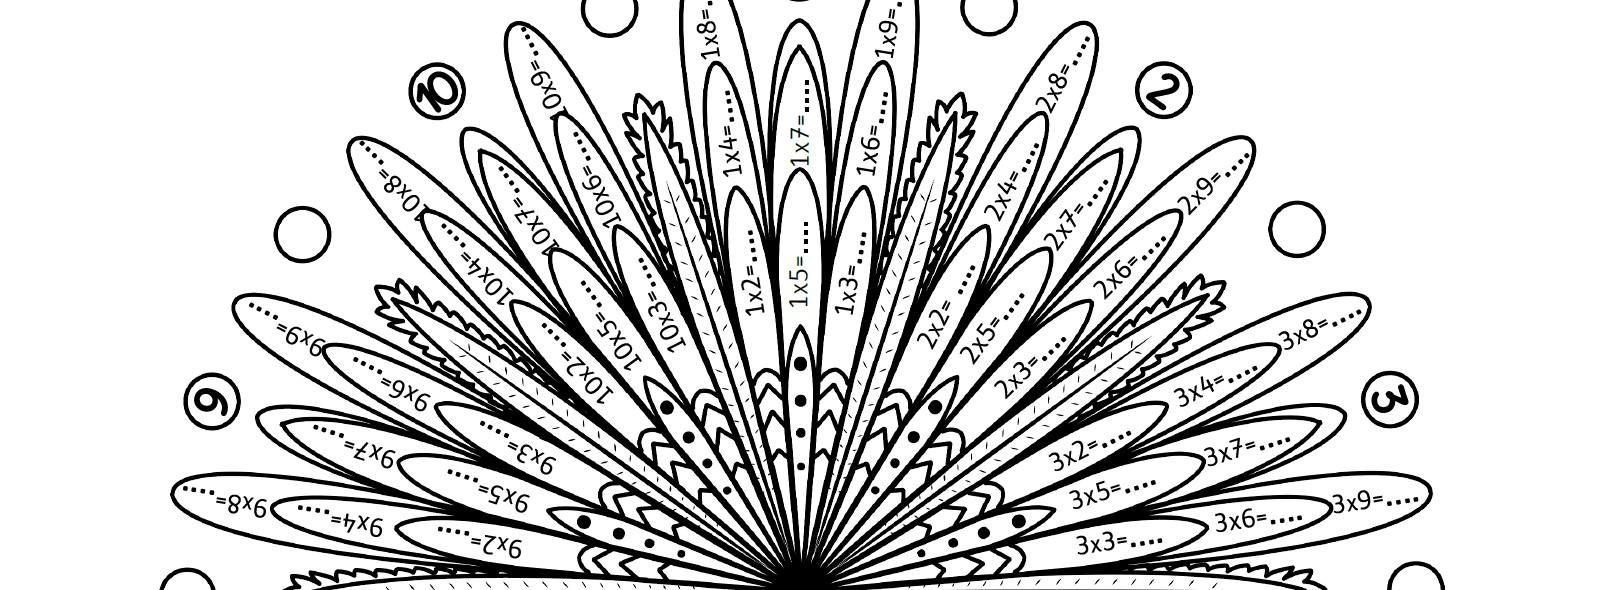 Mes Mandalas Des Tables De Multiplication - La Tanière De Kyban tout Jeux De Coloriage Magique Cm1